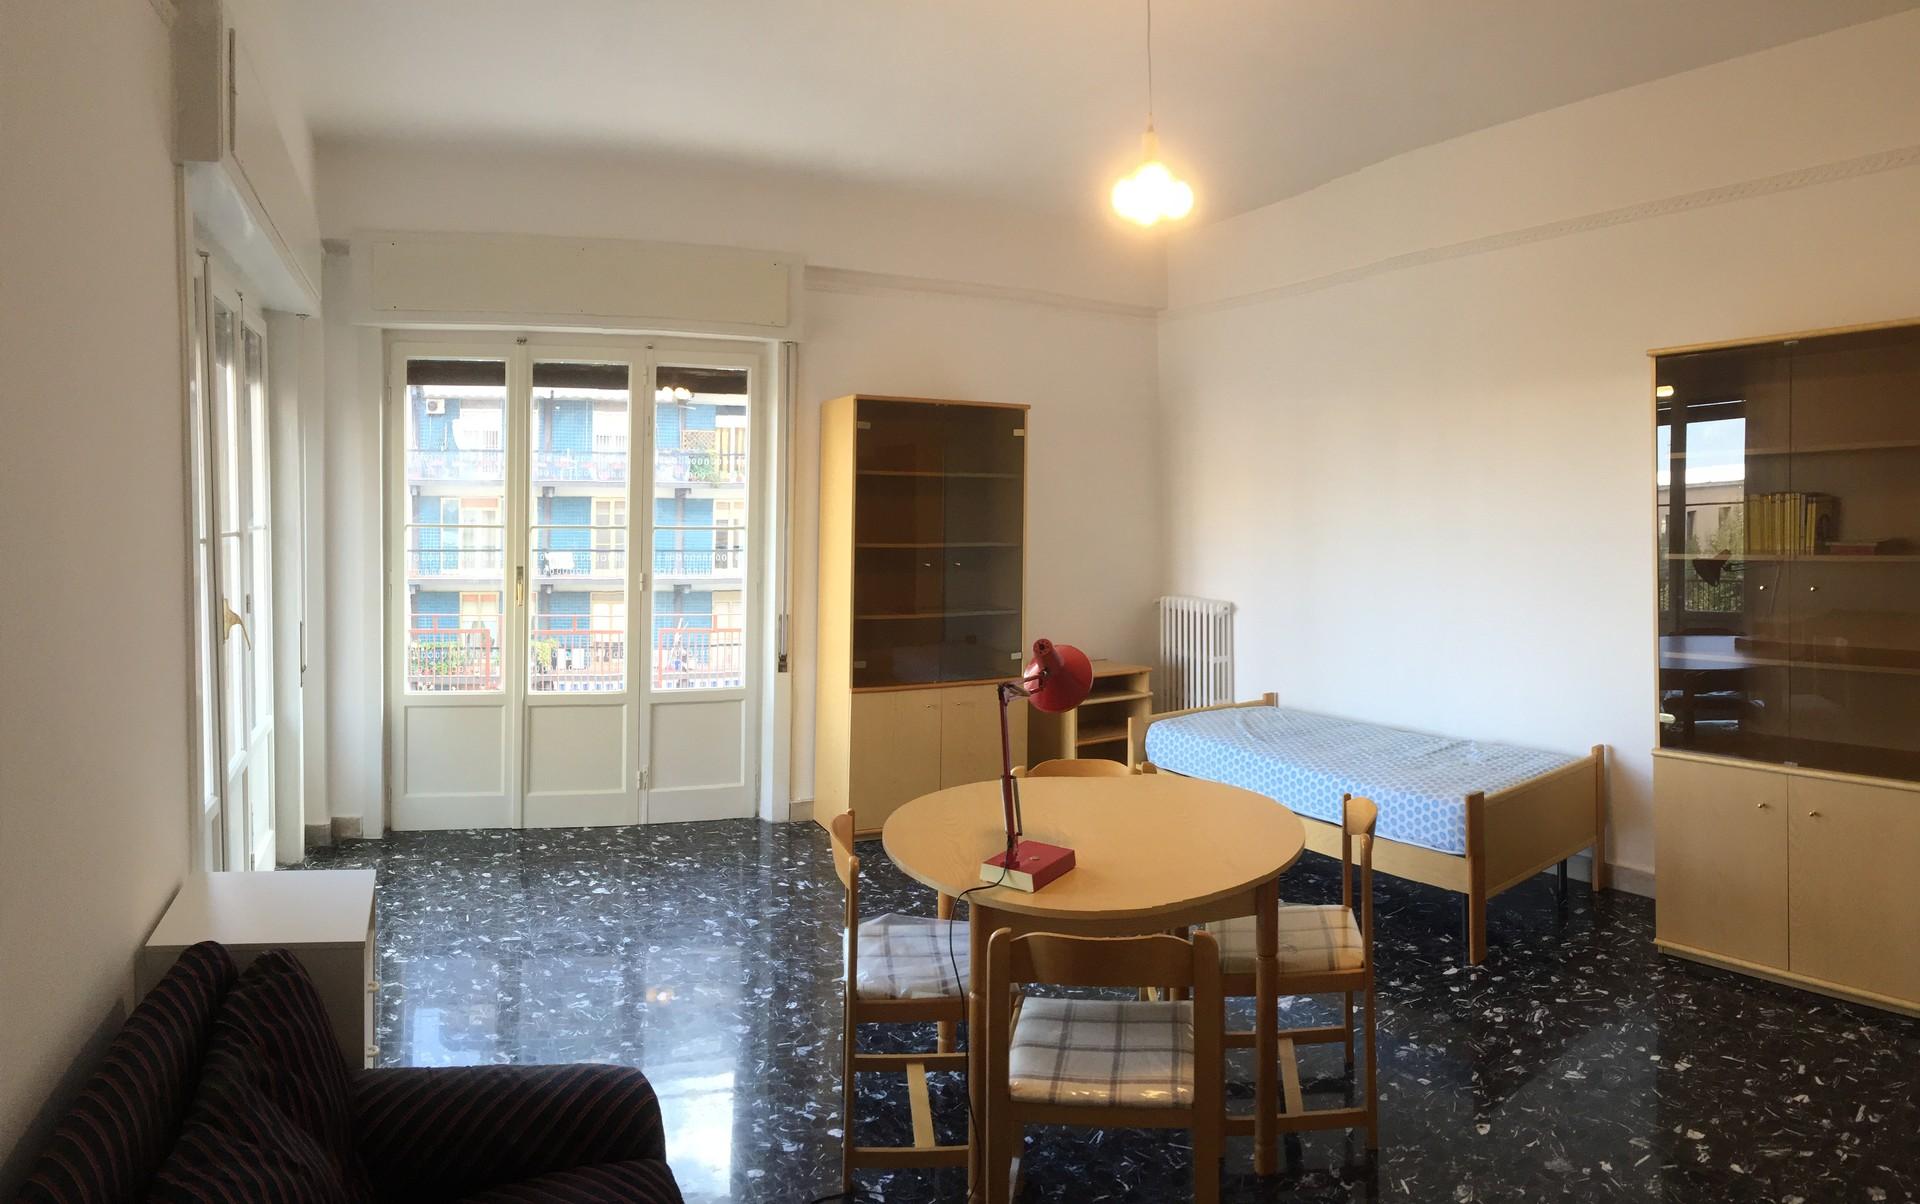 Affittasi camere singole per studenti lavoratori stanza for Stanze singole milano